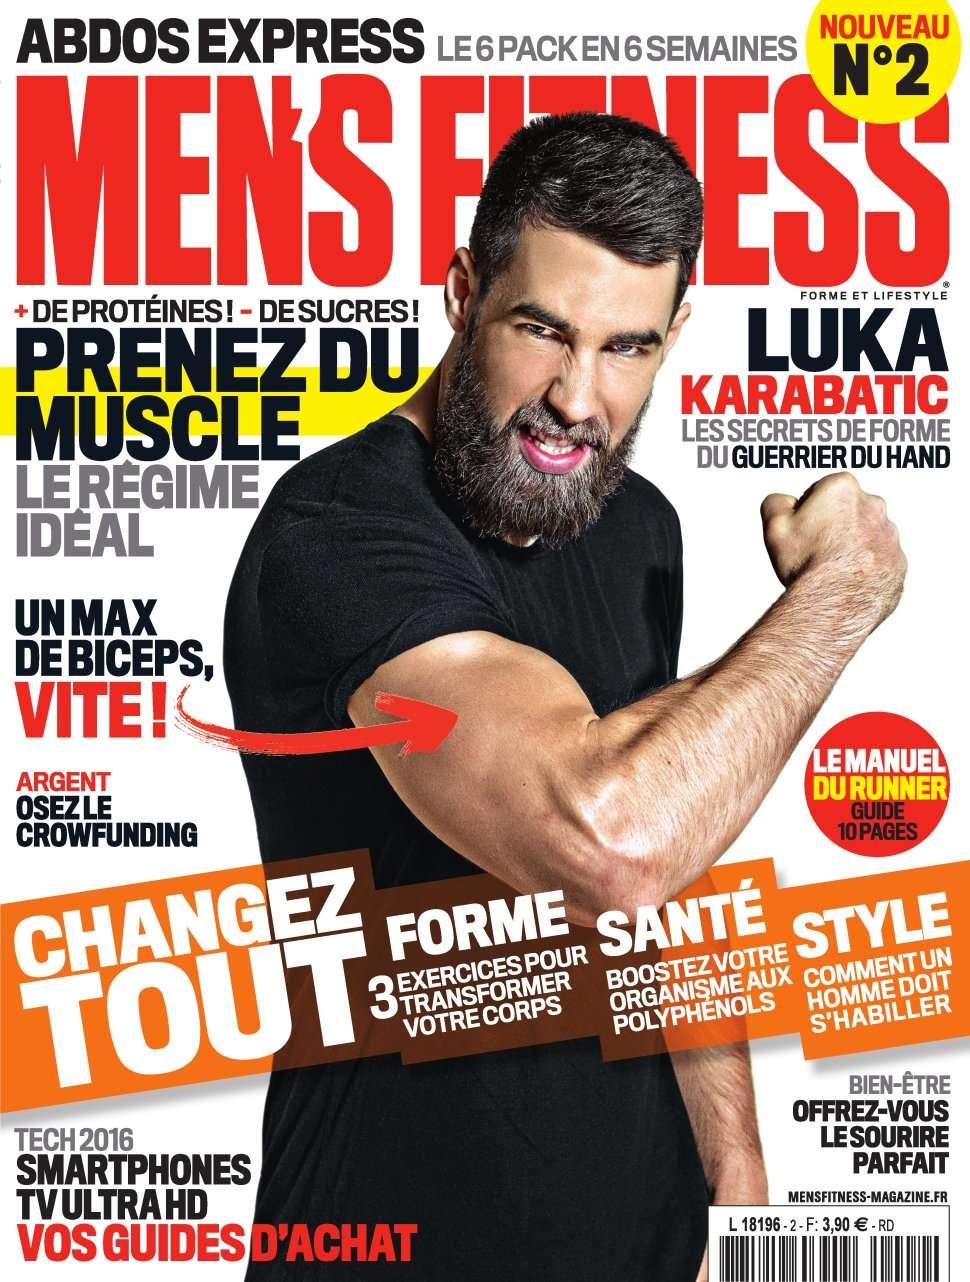 Men's Fitness 2 - Avril 2016